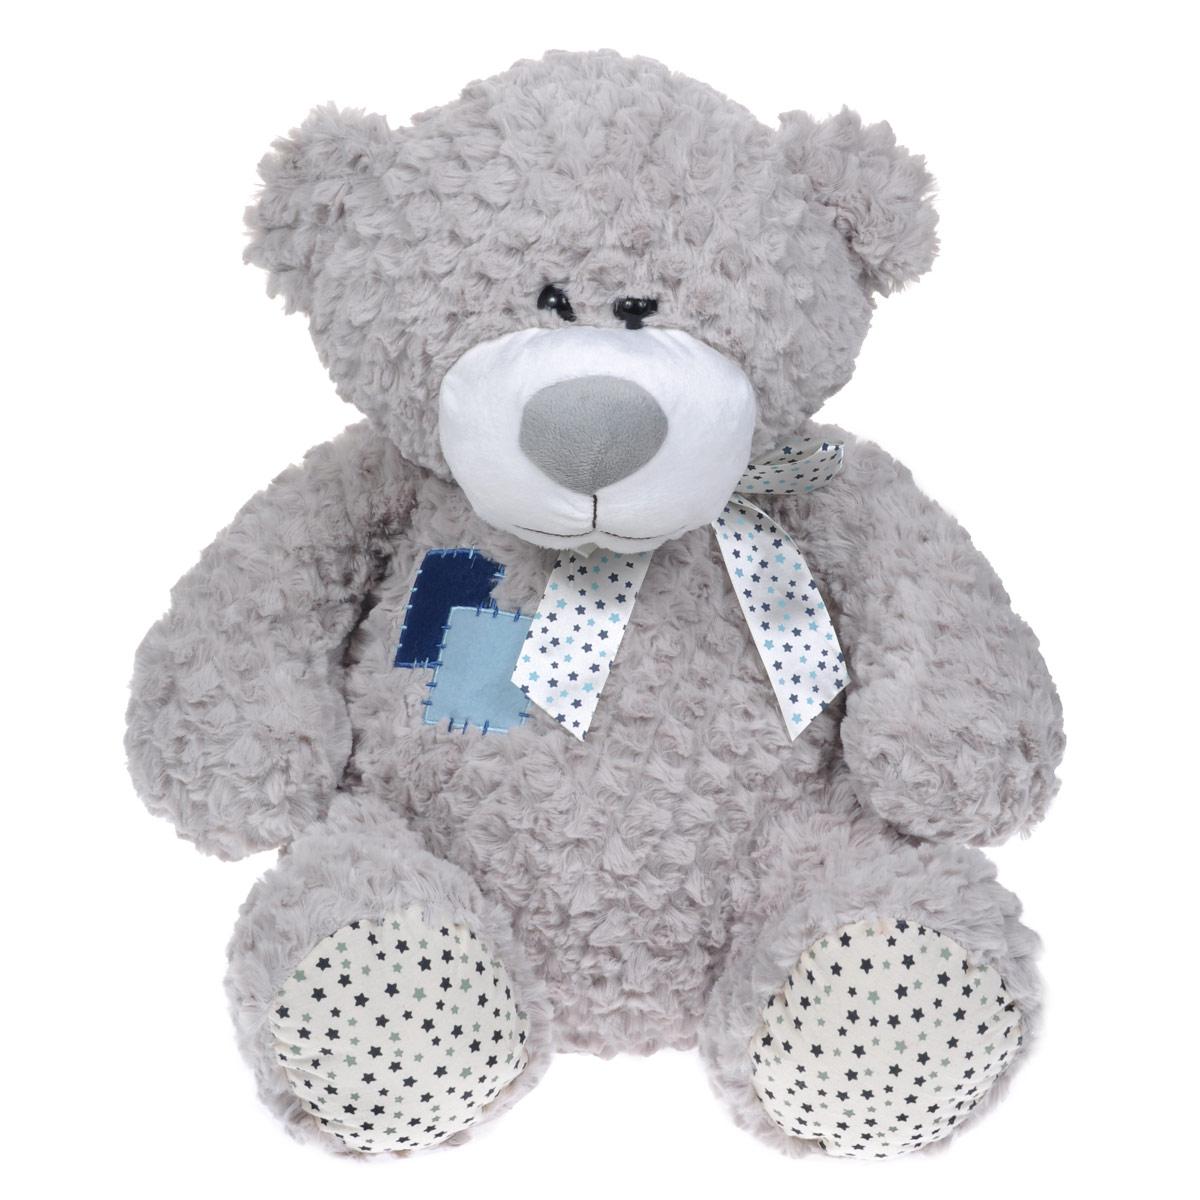 Мягкая игрушка Maxi Toys Мишка Жорик, цвет: серый, 50 см steiger r 50 maxi